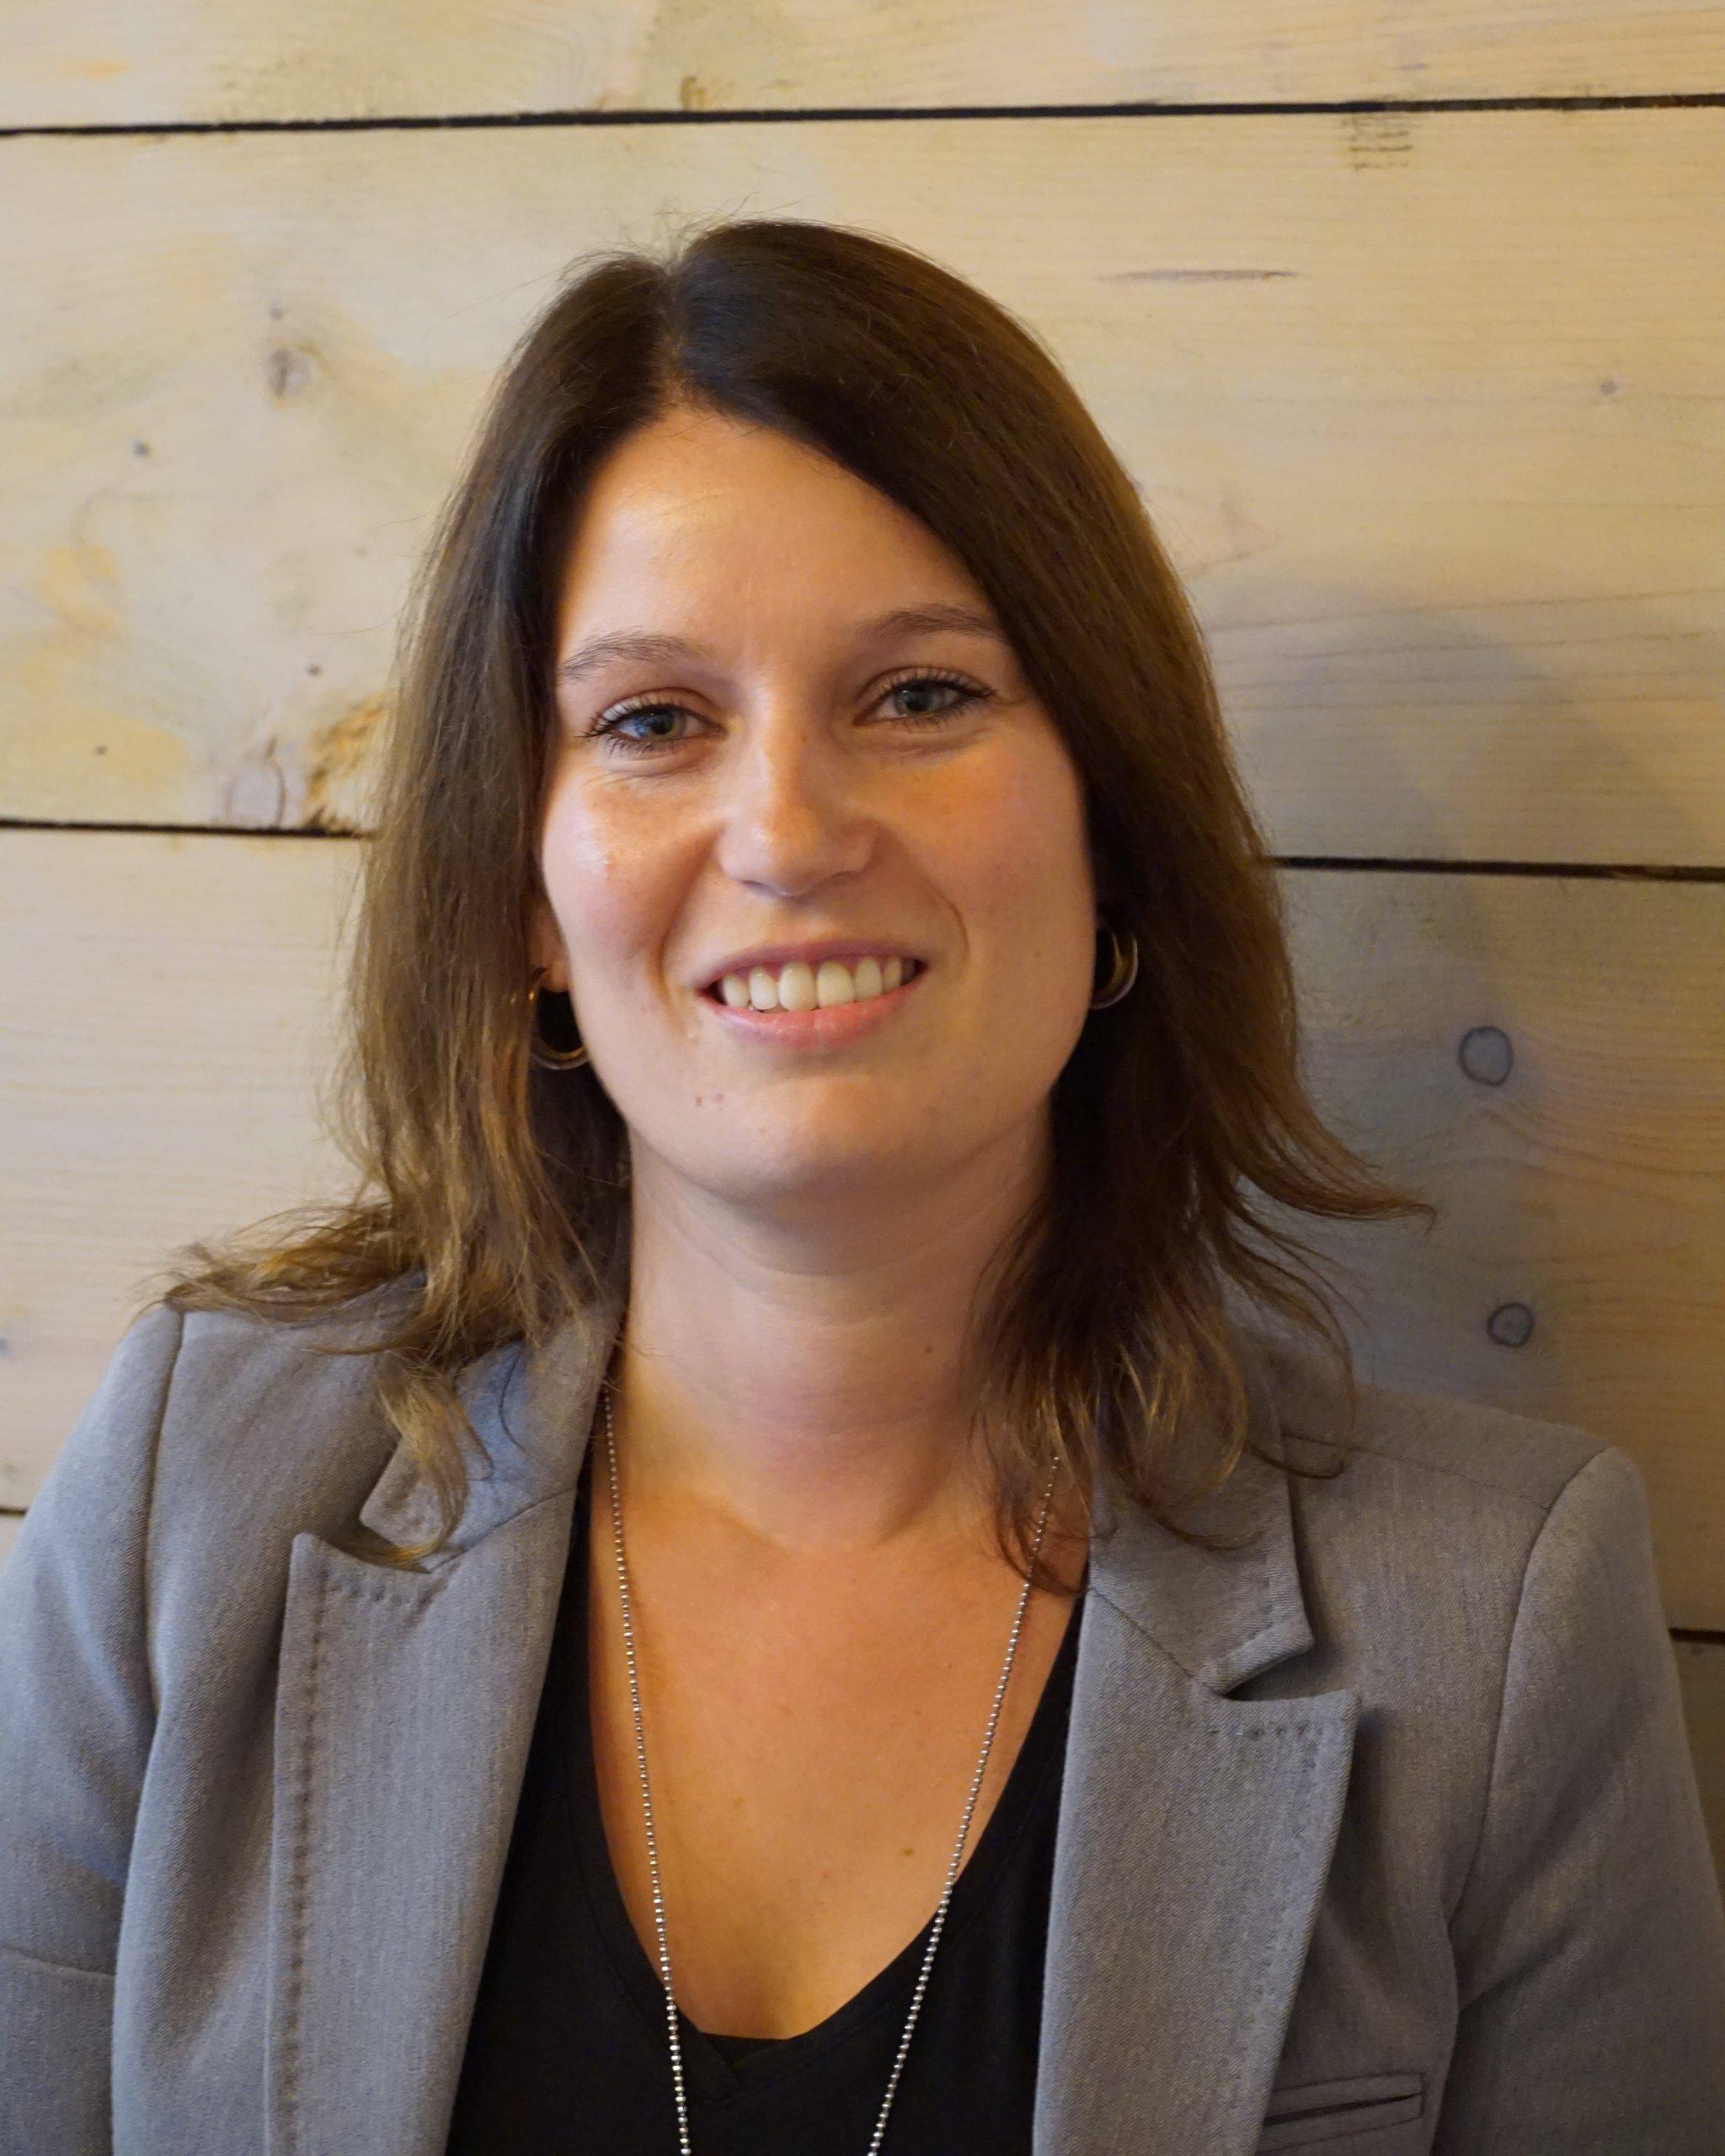 Melany Vossen